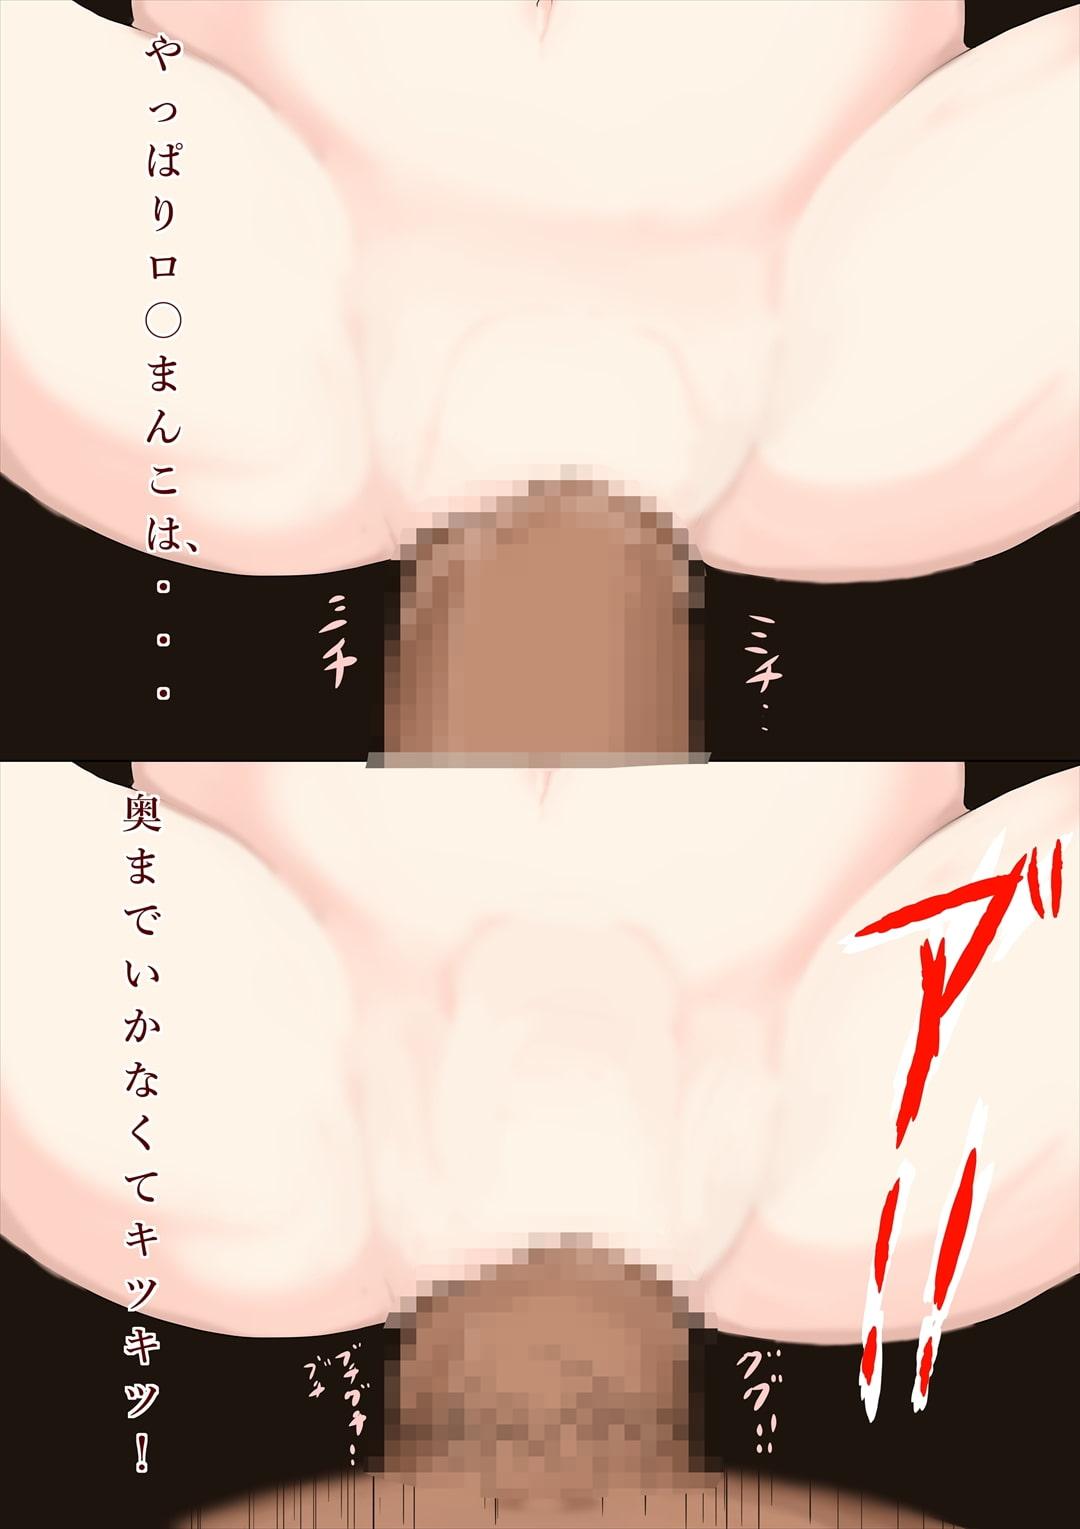 RJ324885 げ〇しん ク〇ー おしおき レ〇プ [20210425]